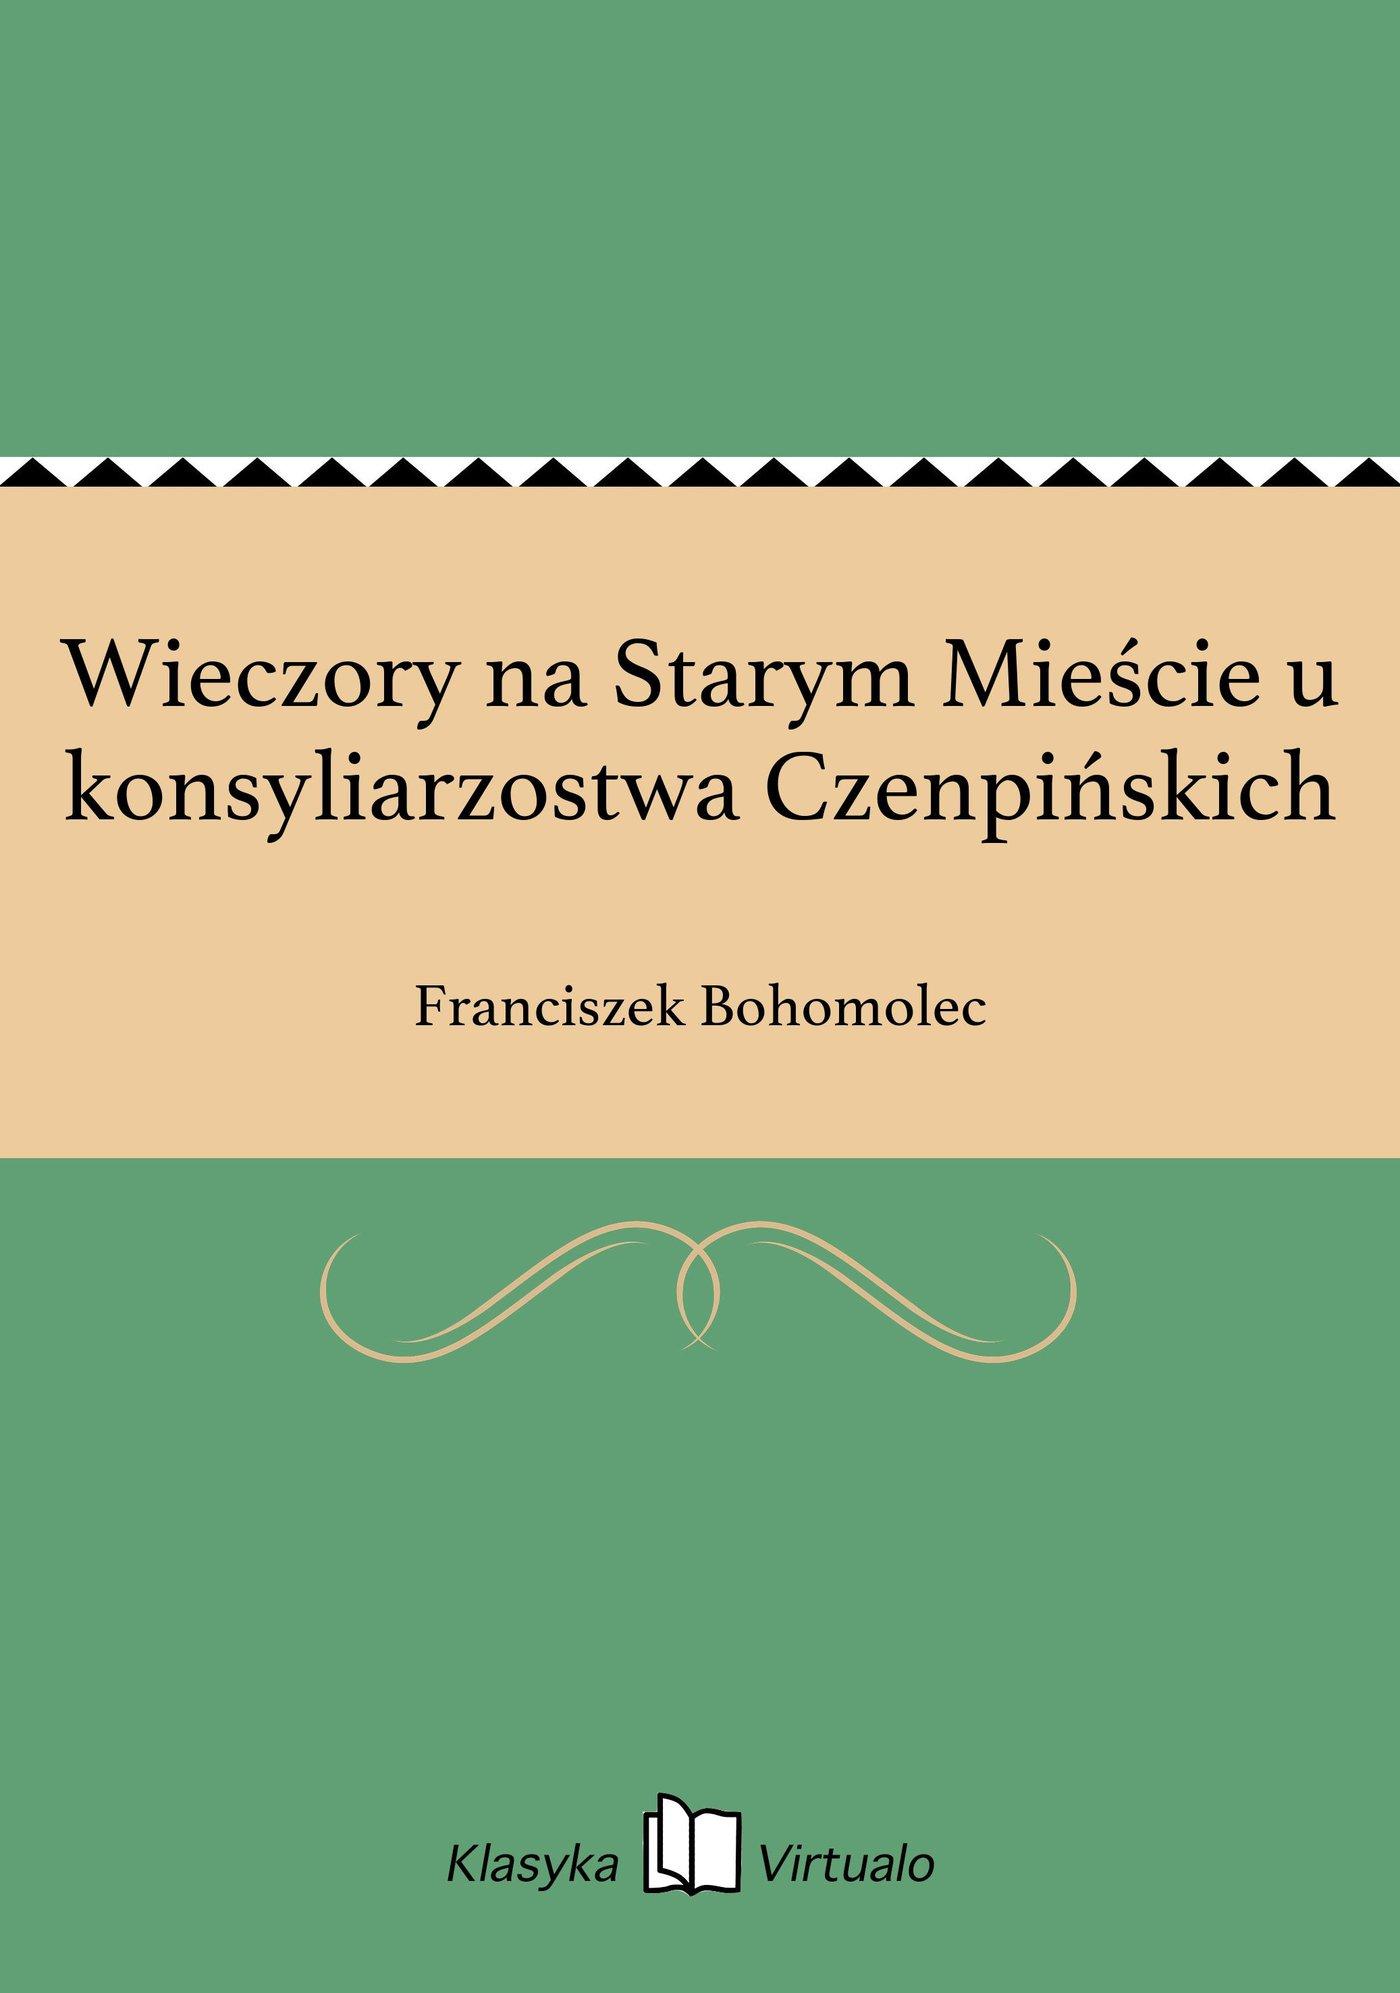 Wieczory na Starym Mieście u konsyliarzostwa Czenpińskich - Ebook (Książka EPUB) do pobrania w formacie EPUB